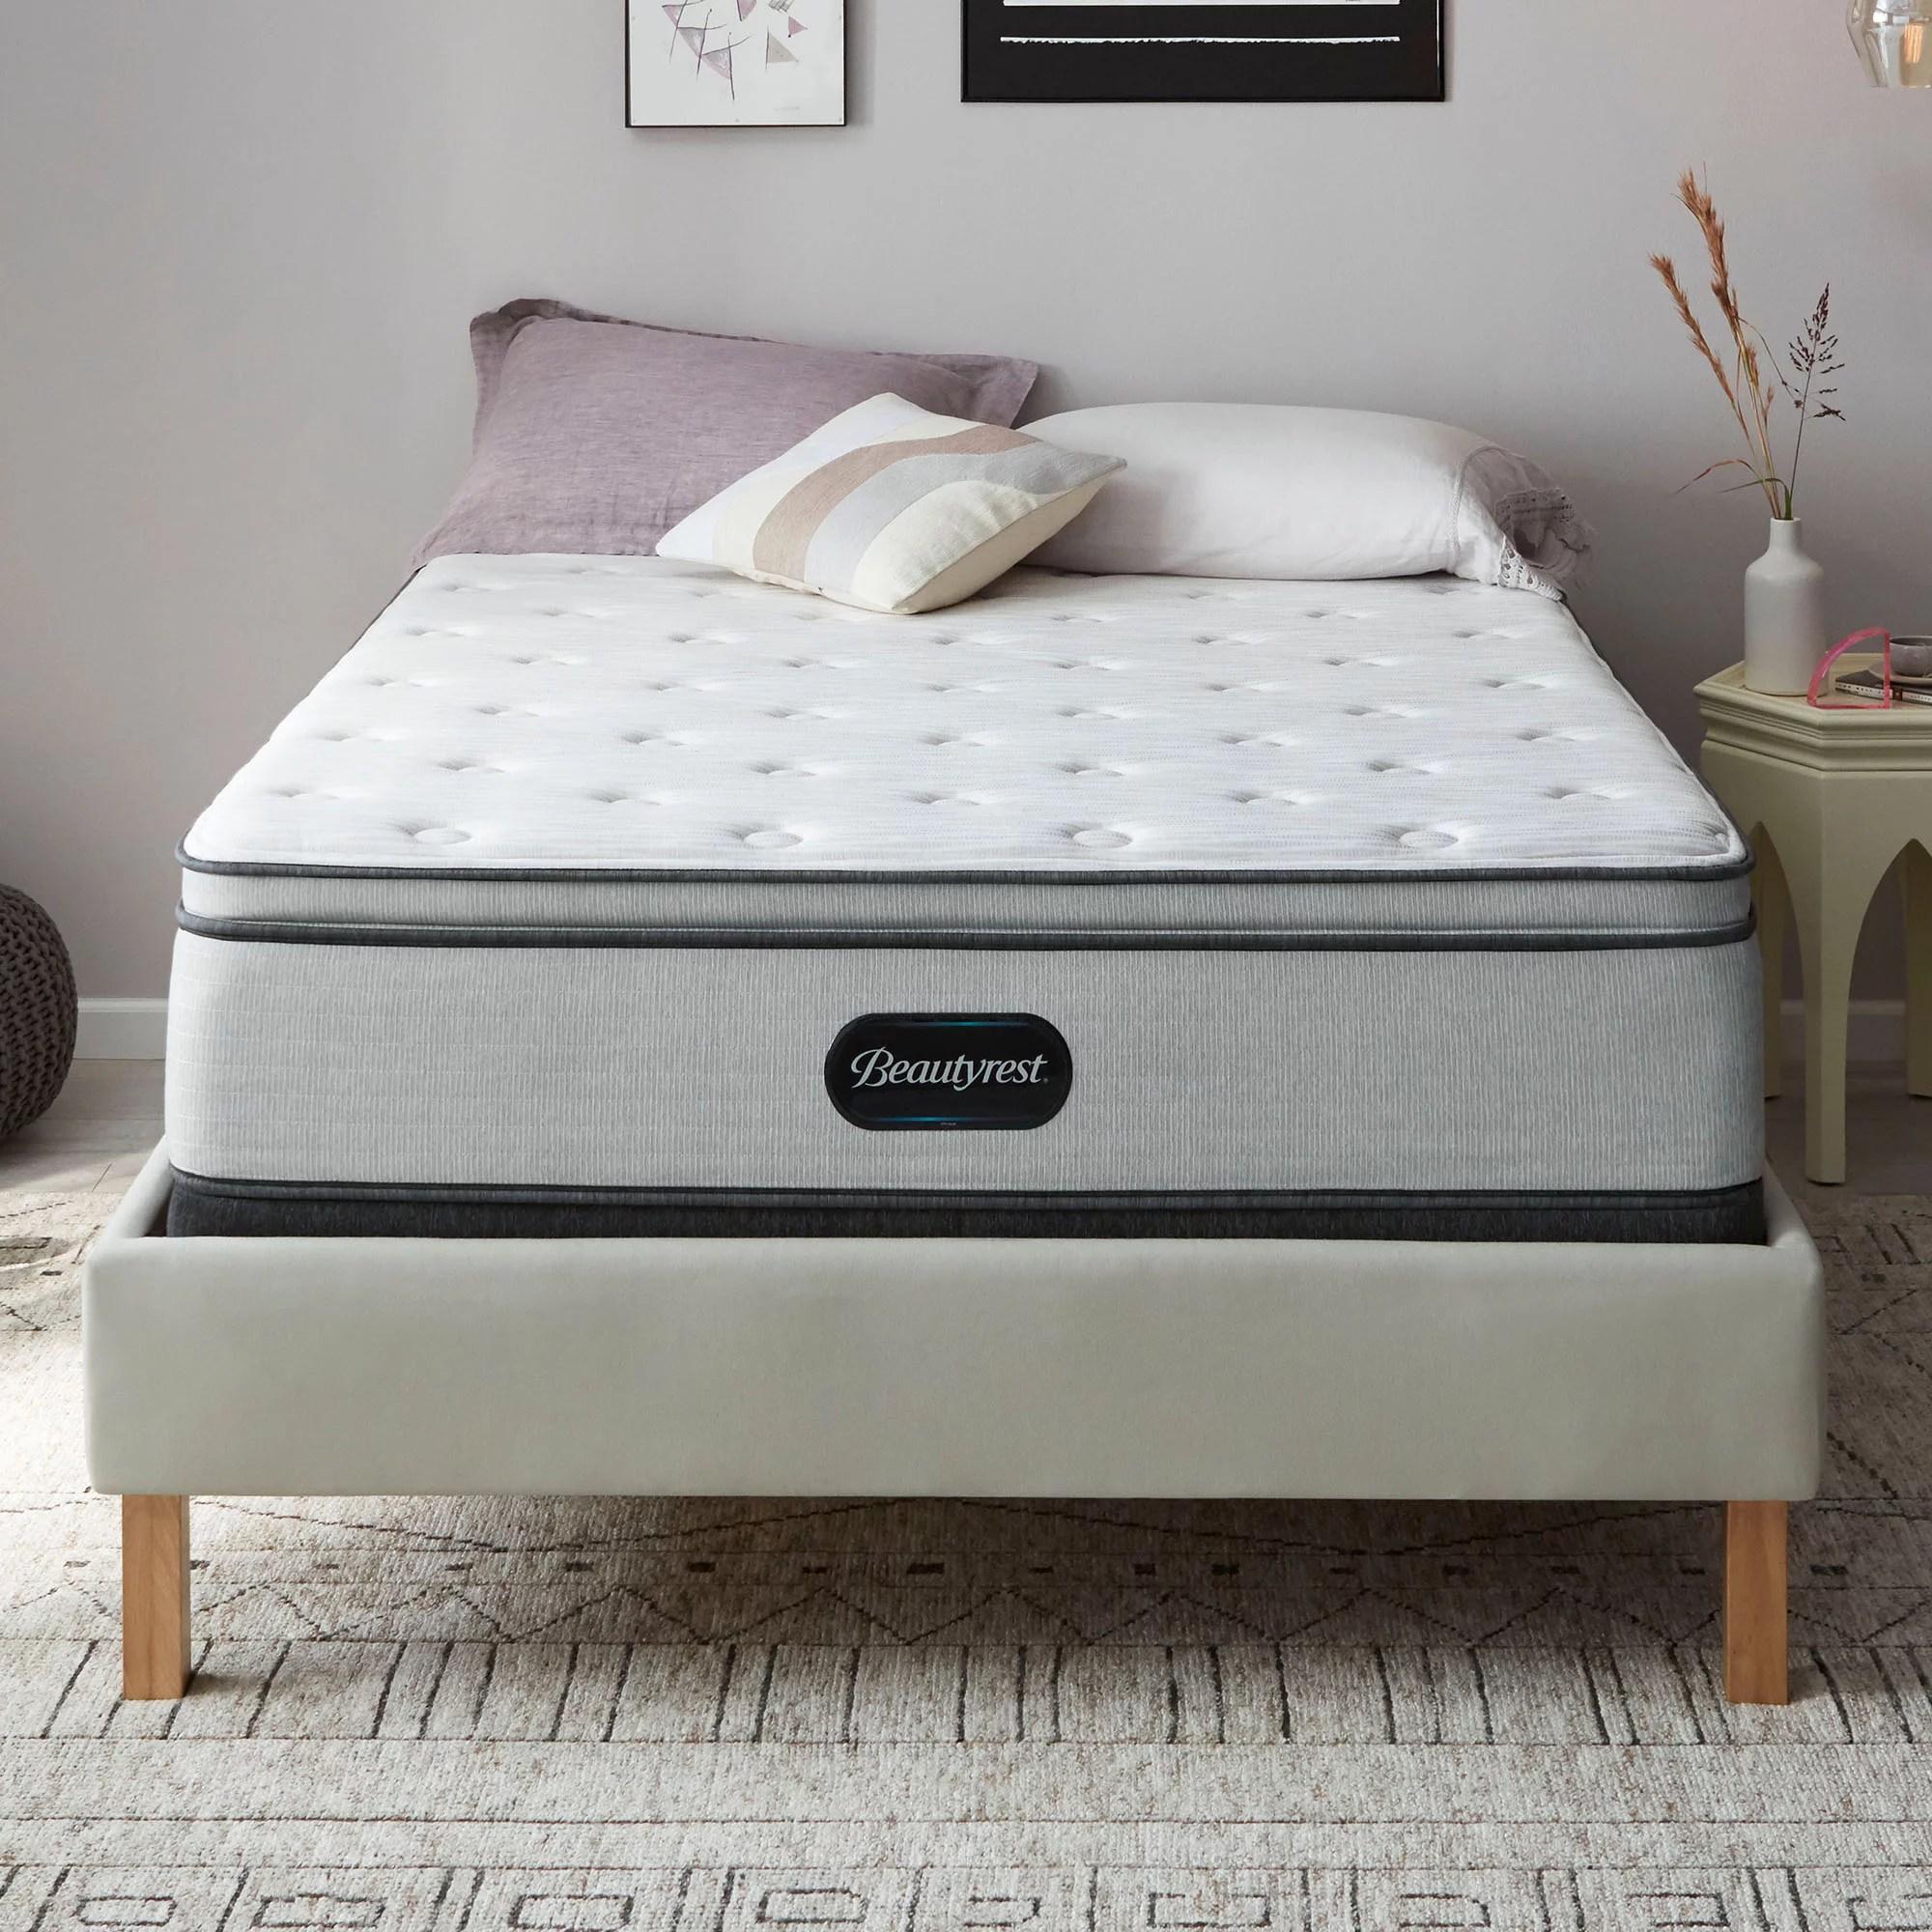 beautyrest 13 5 premier dual cool technology pillowtop mattress multiple sizes walmart com